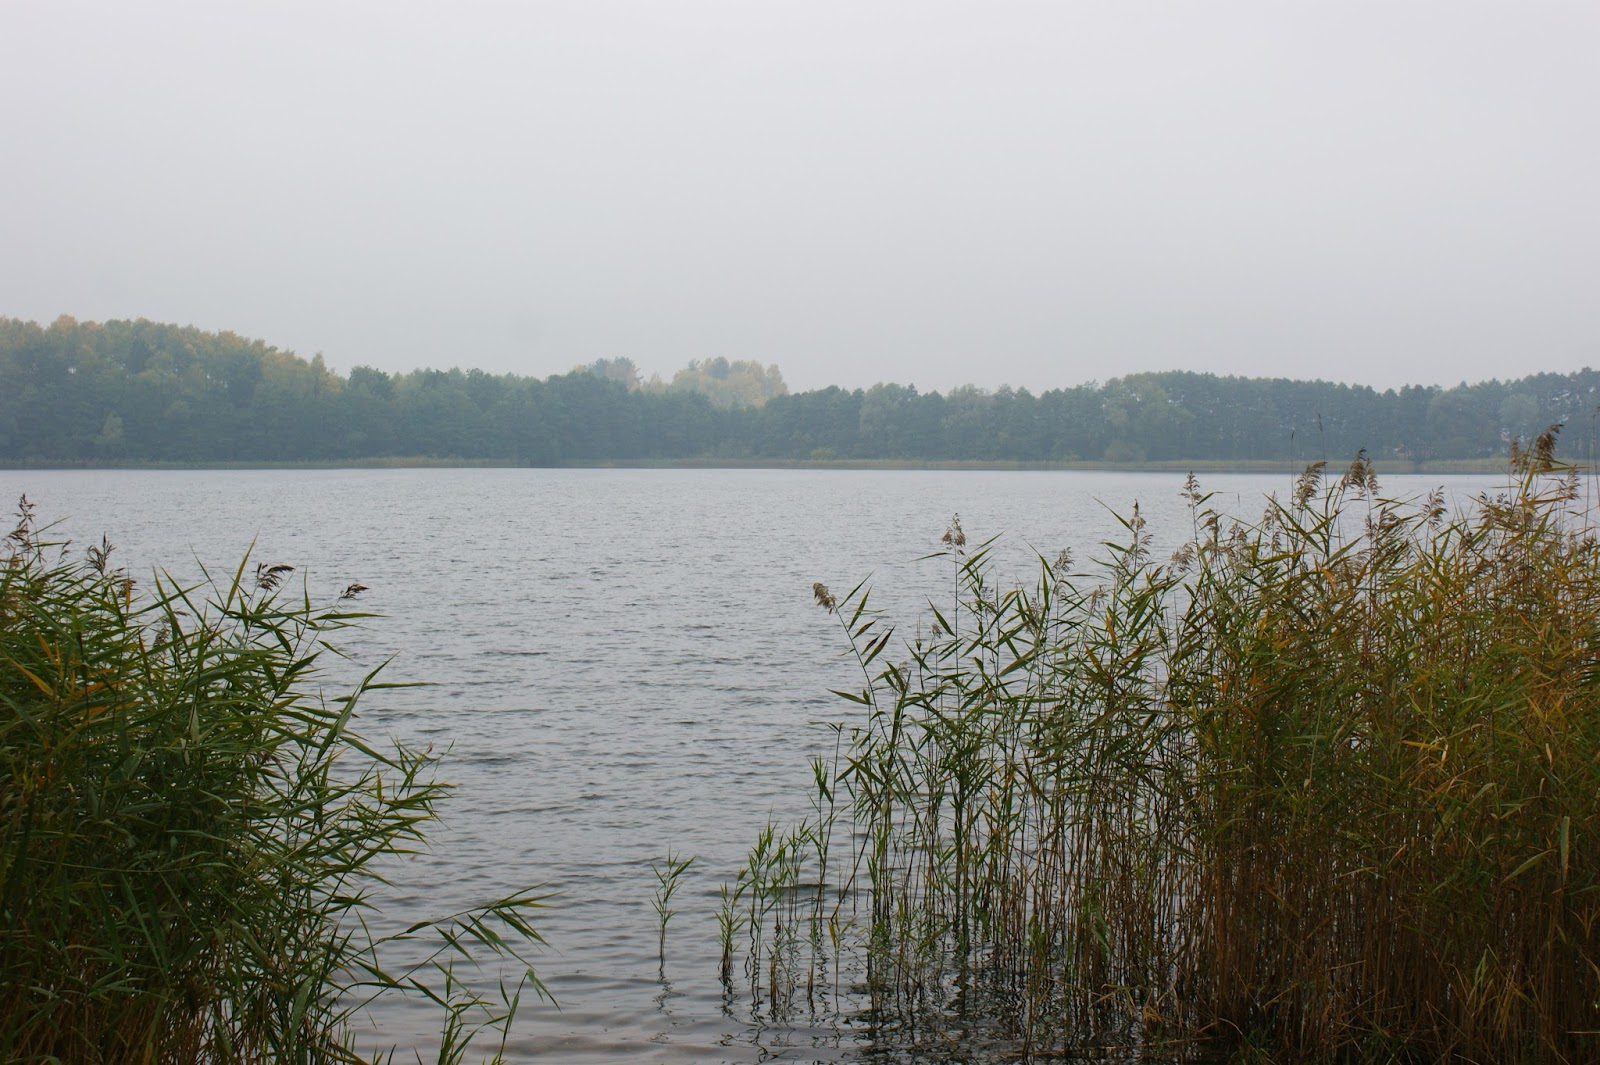 wycieczka, wyjazd, Polska, jezioro, podróże, pomorze